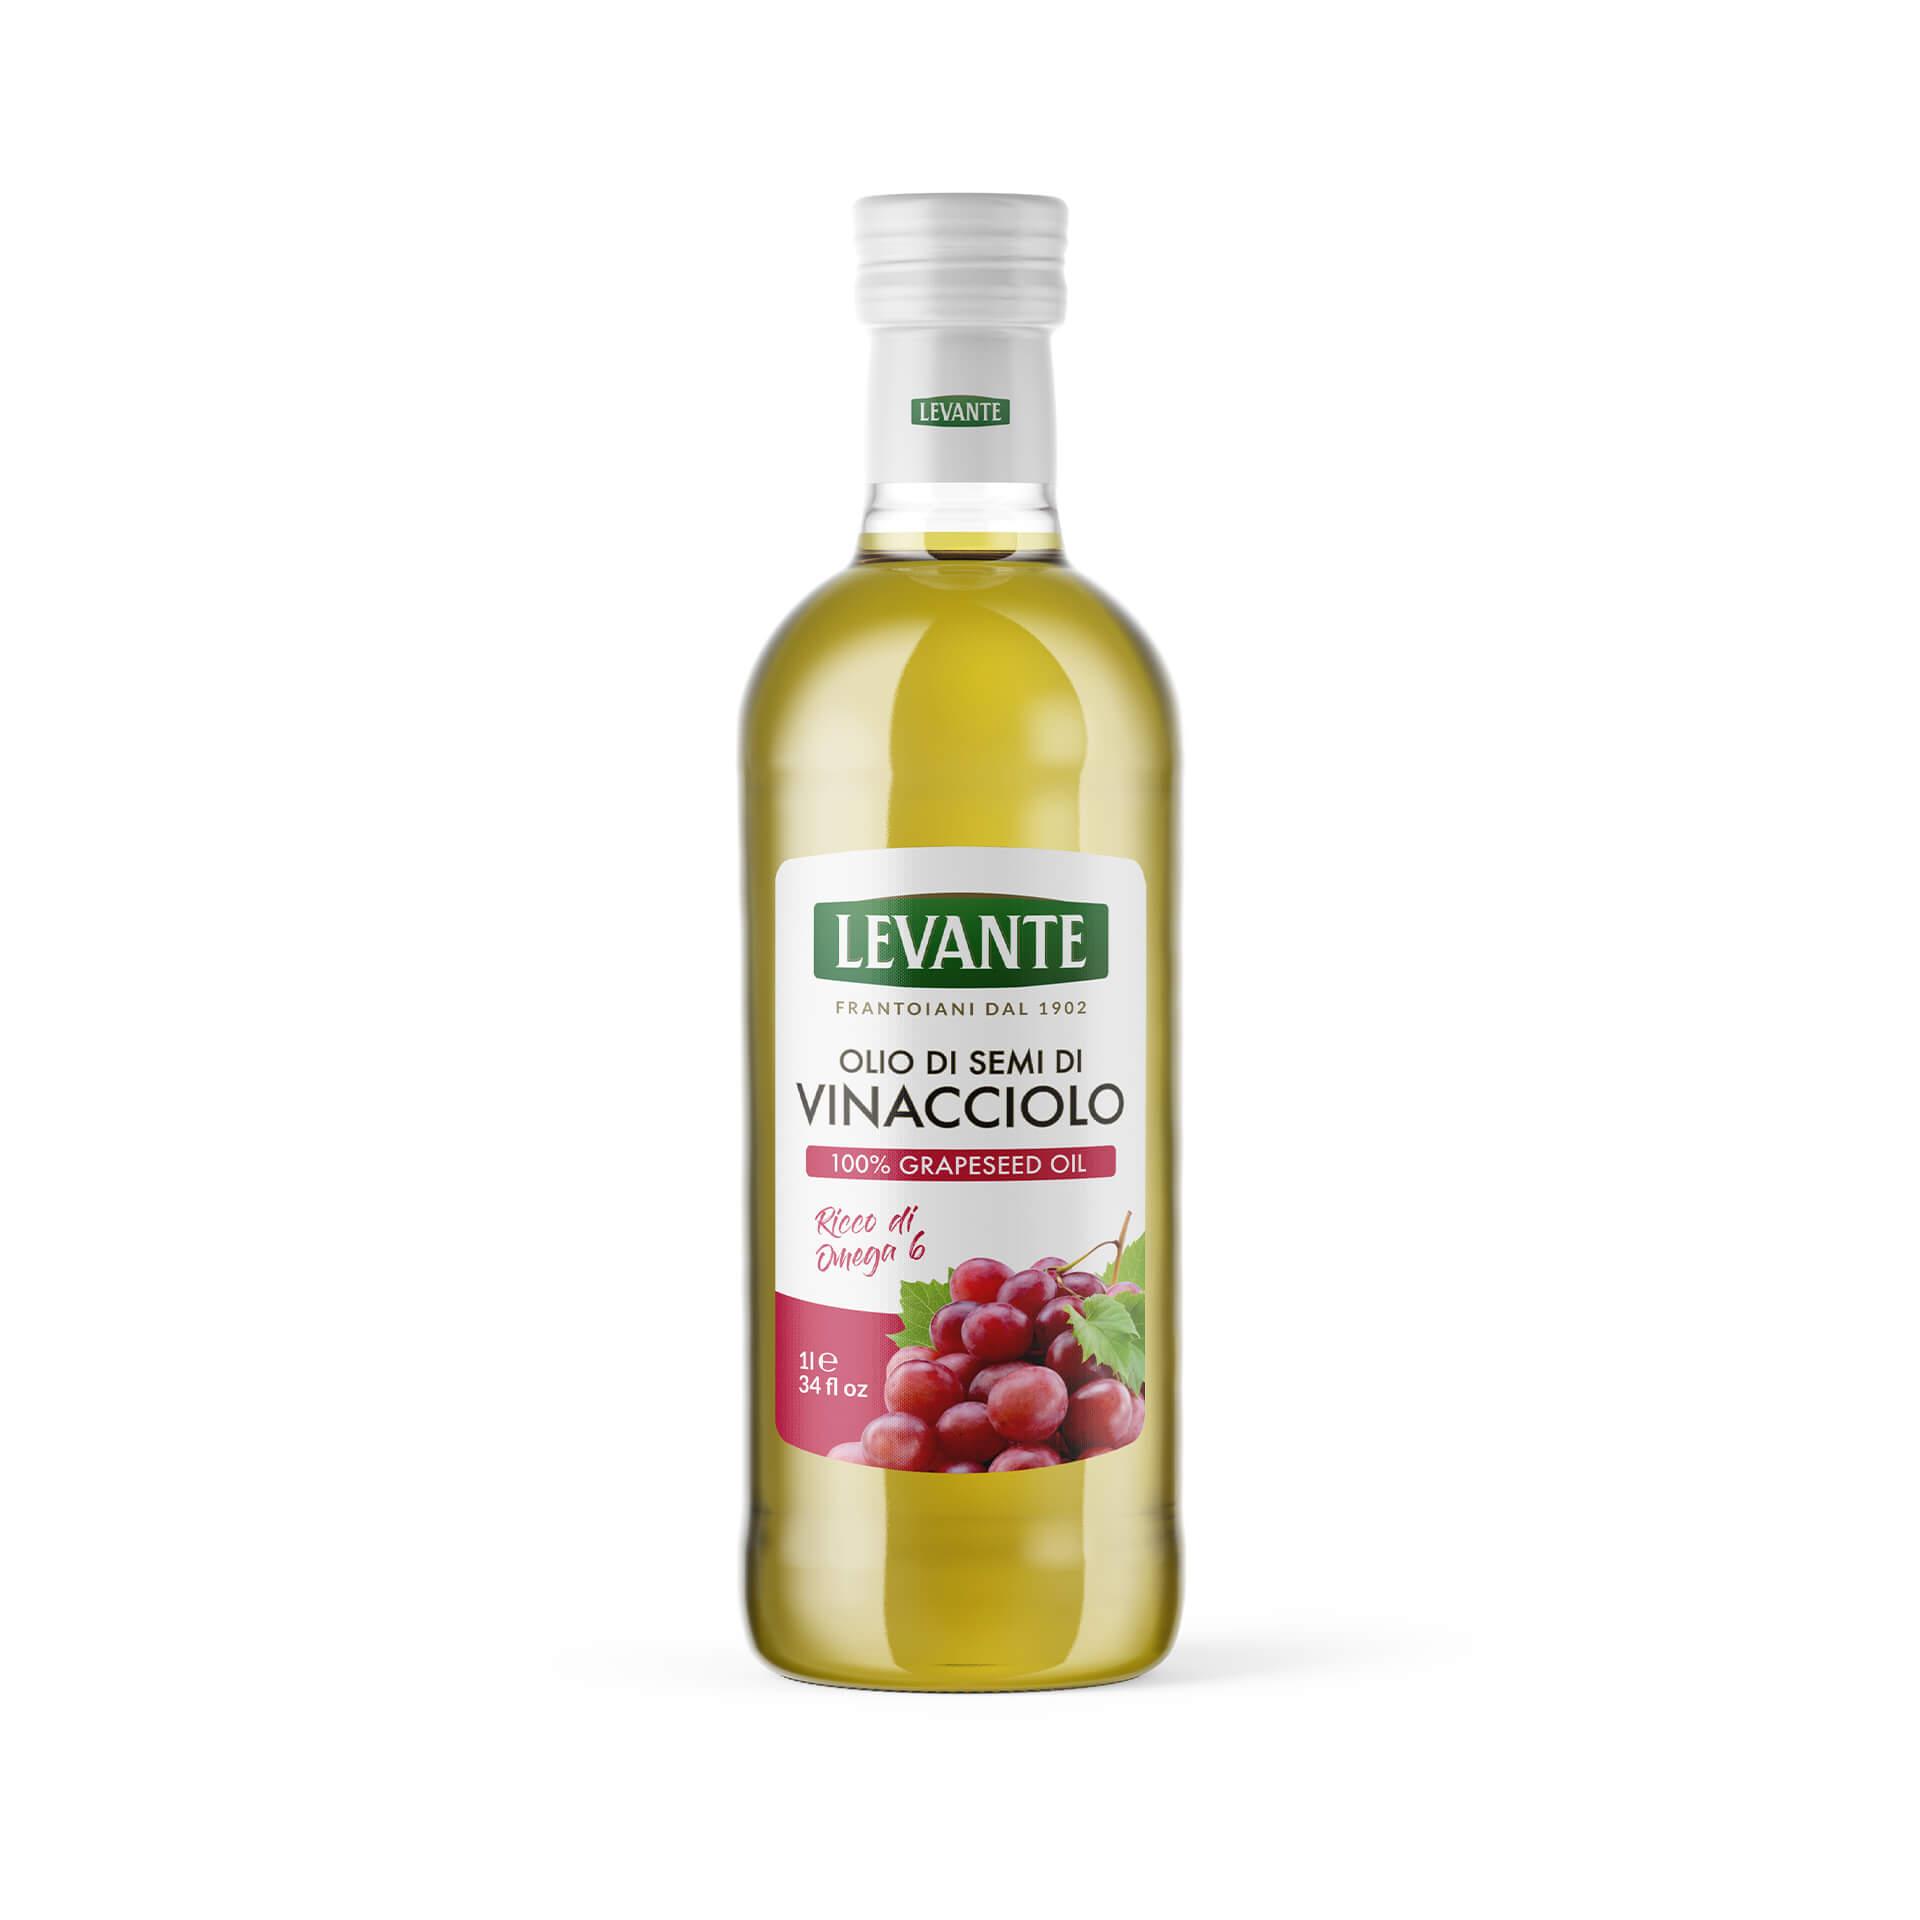 Vinacciolo